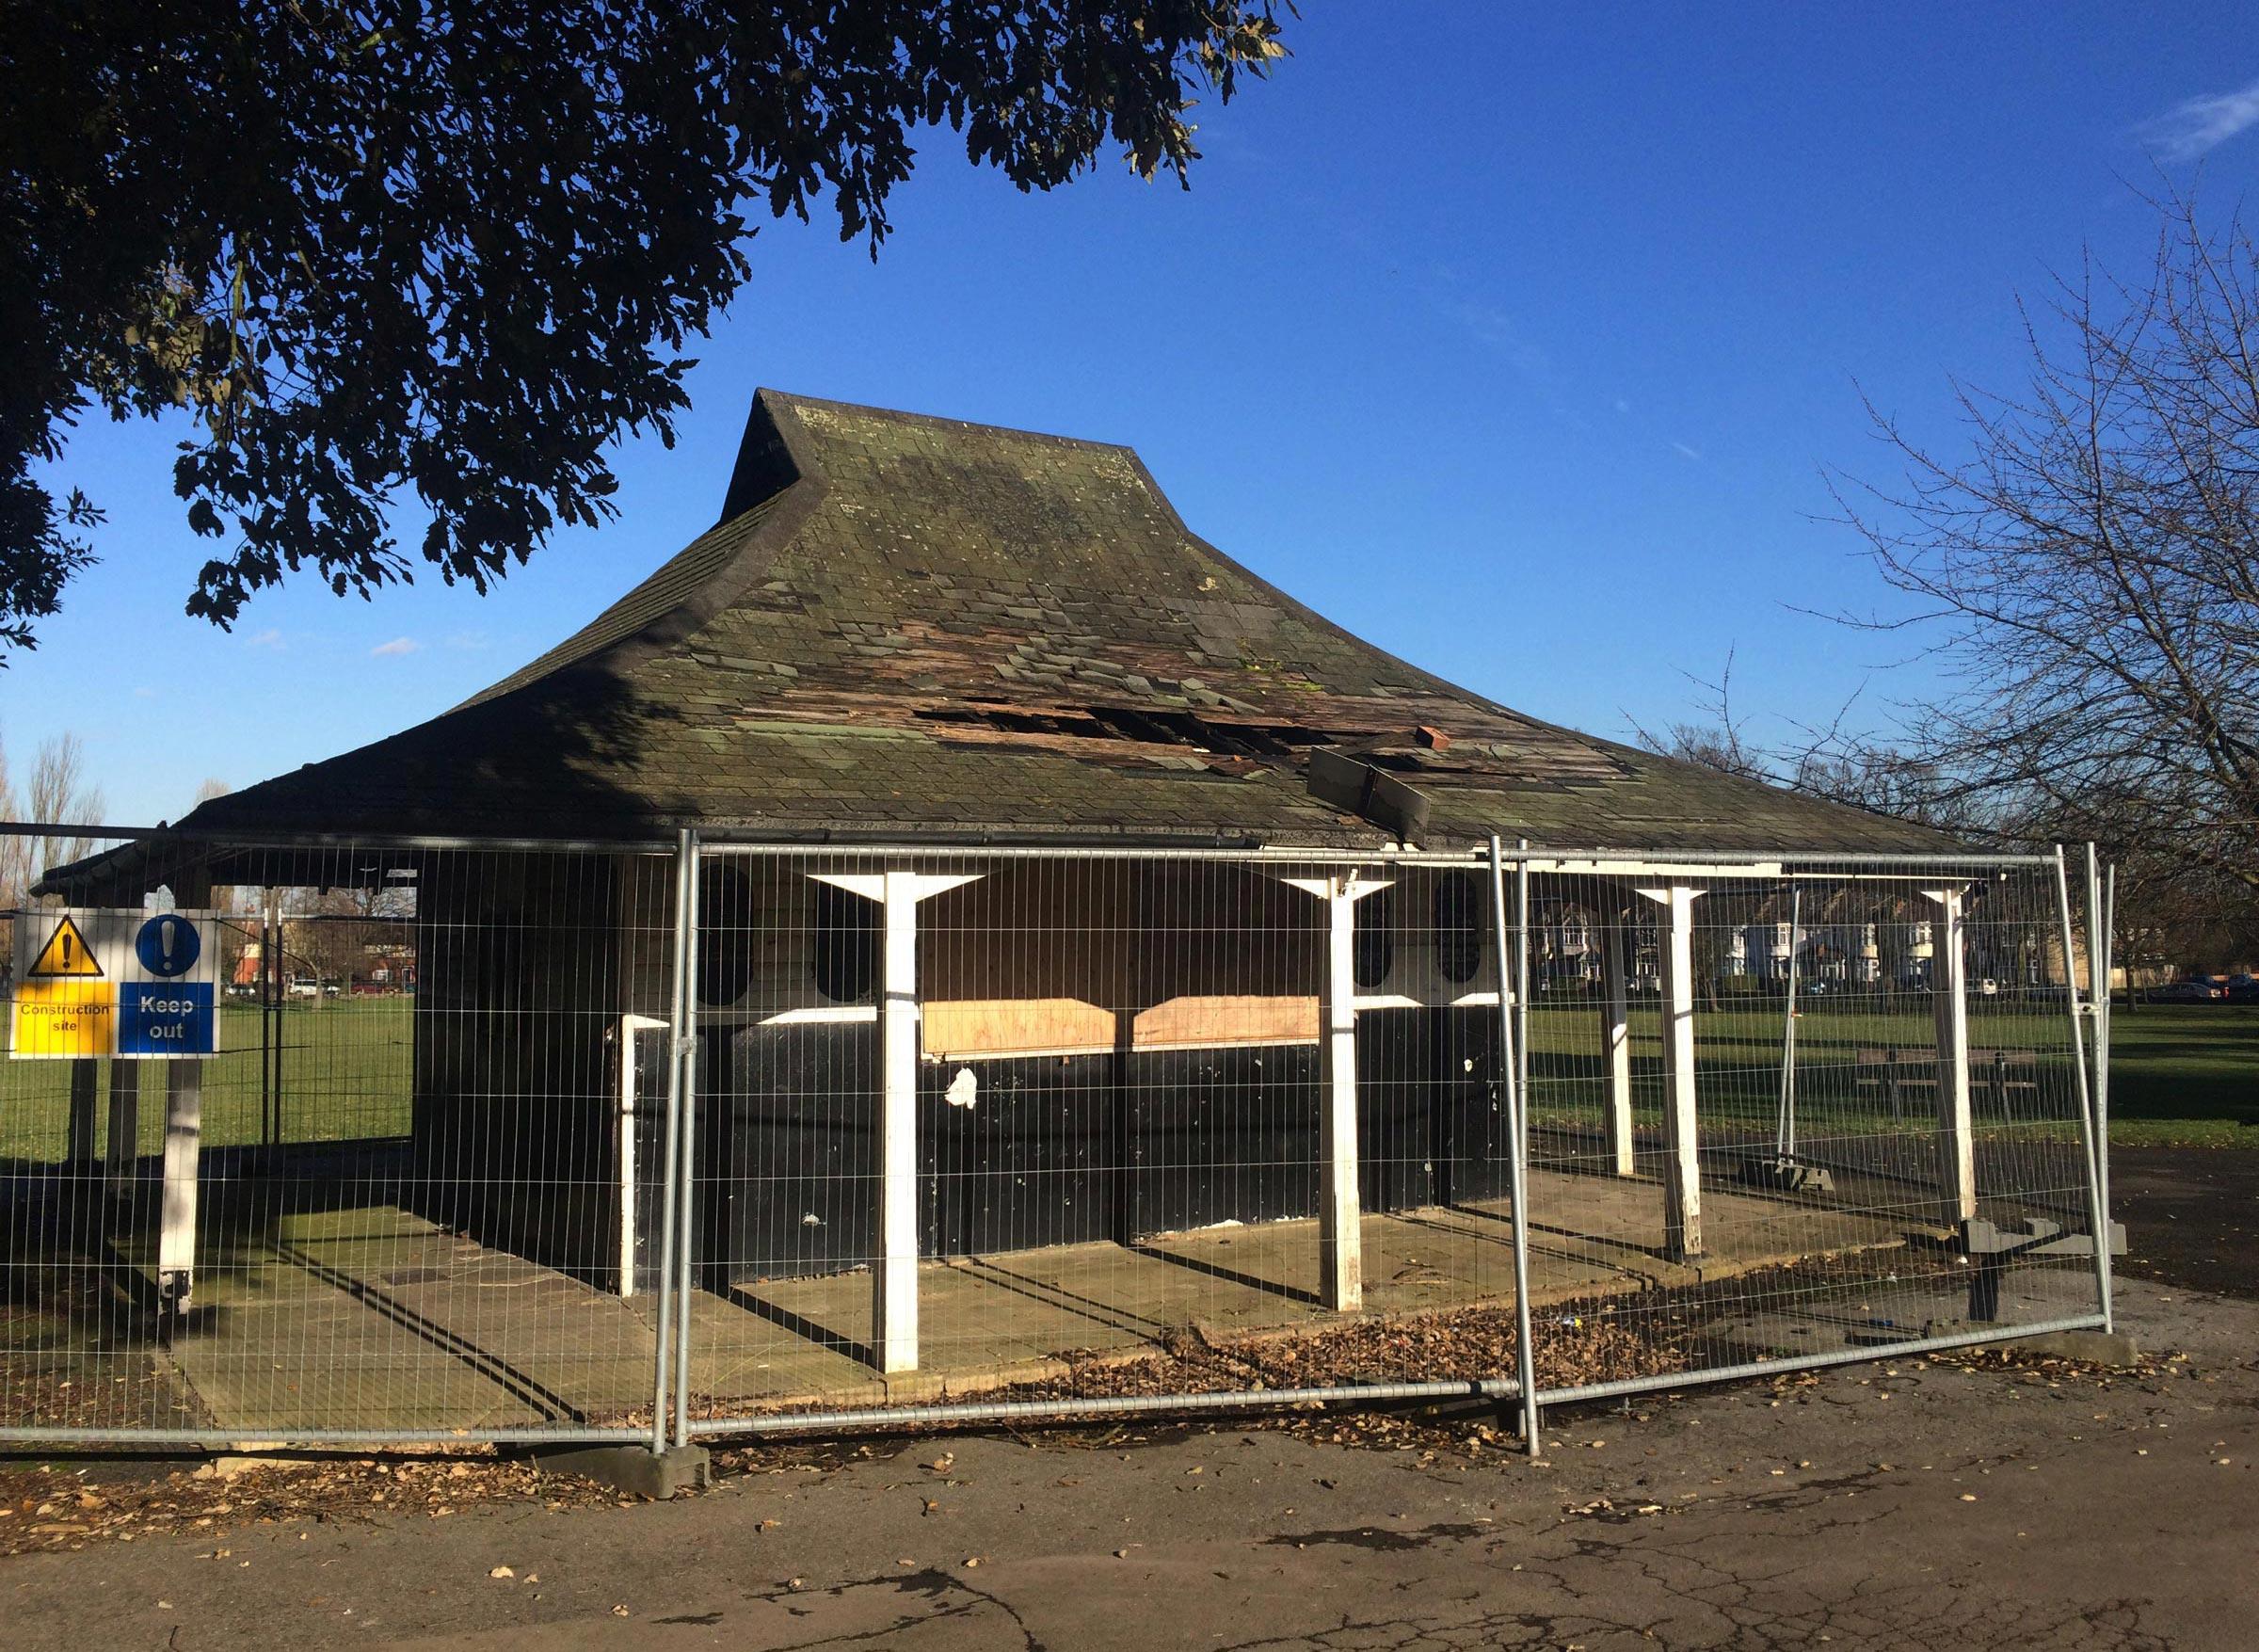 Ashburton Park Pavillon. Photo Vipul Sangoi